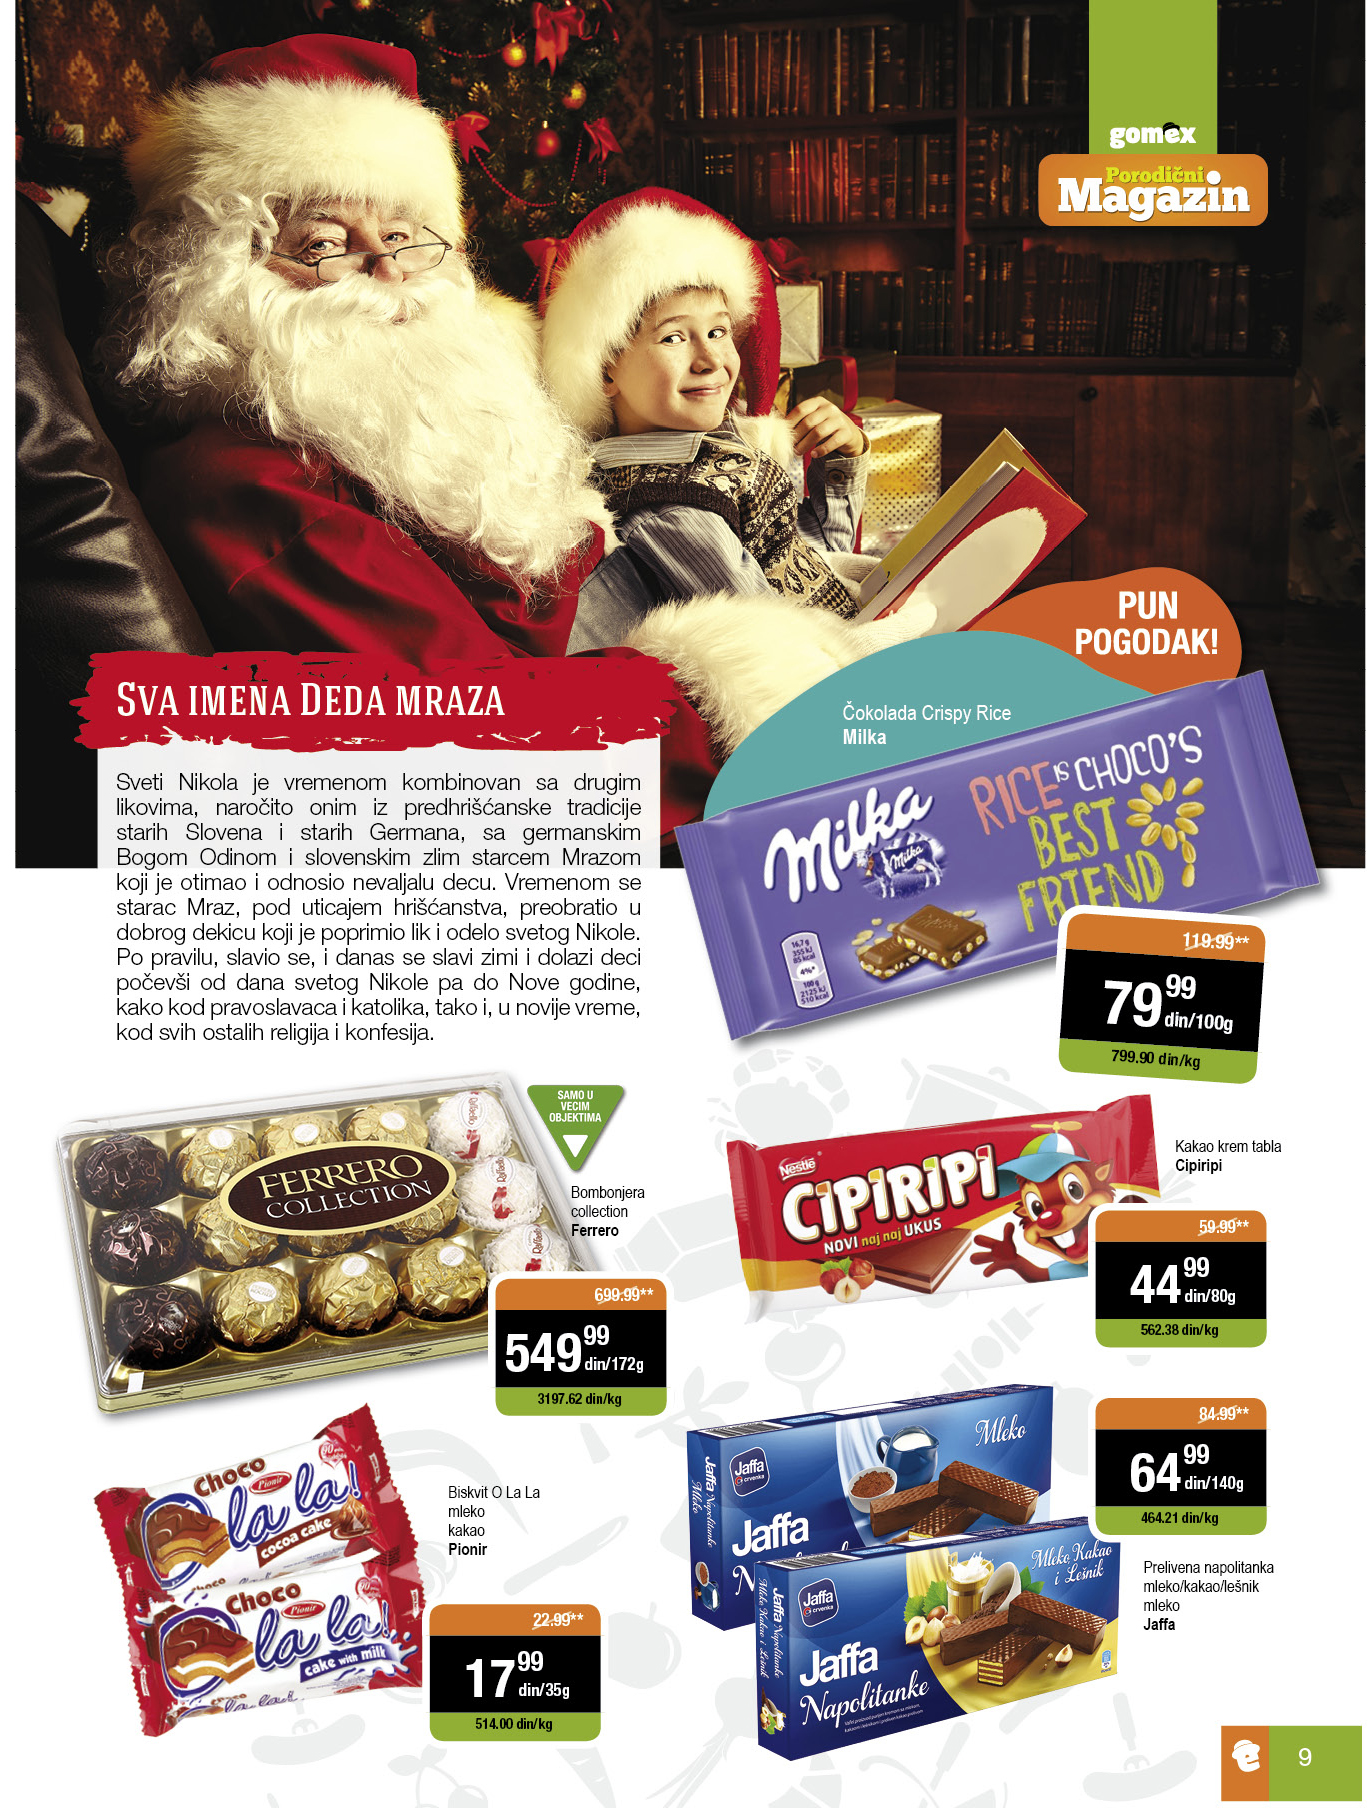 Gomex akcija sjajne decembarske ponude